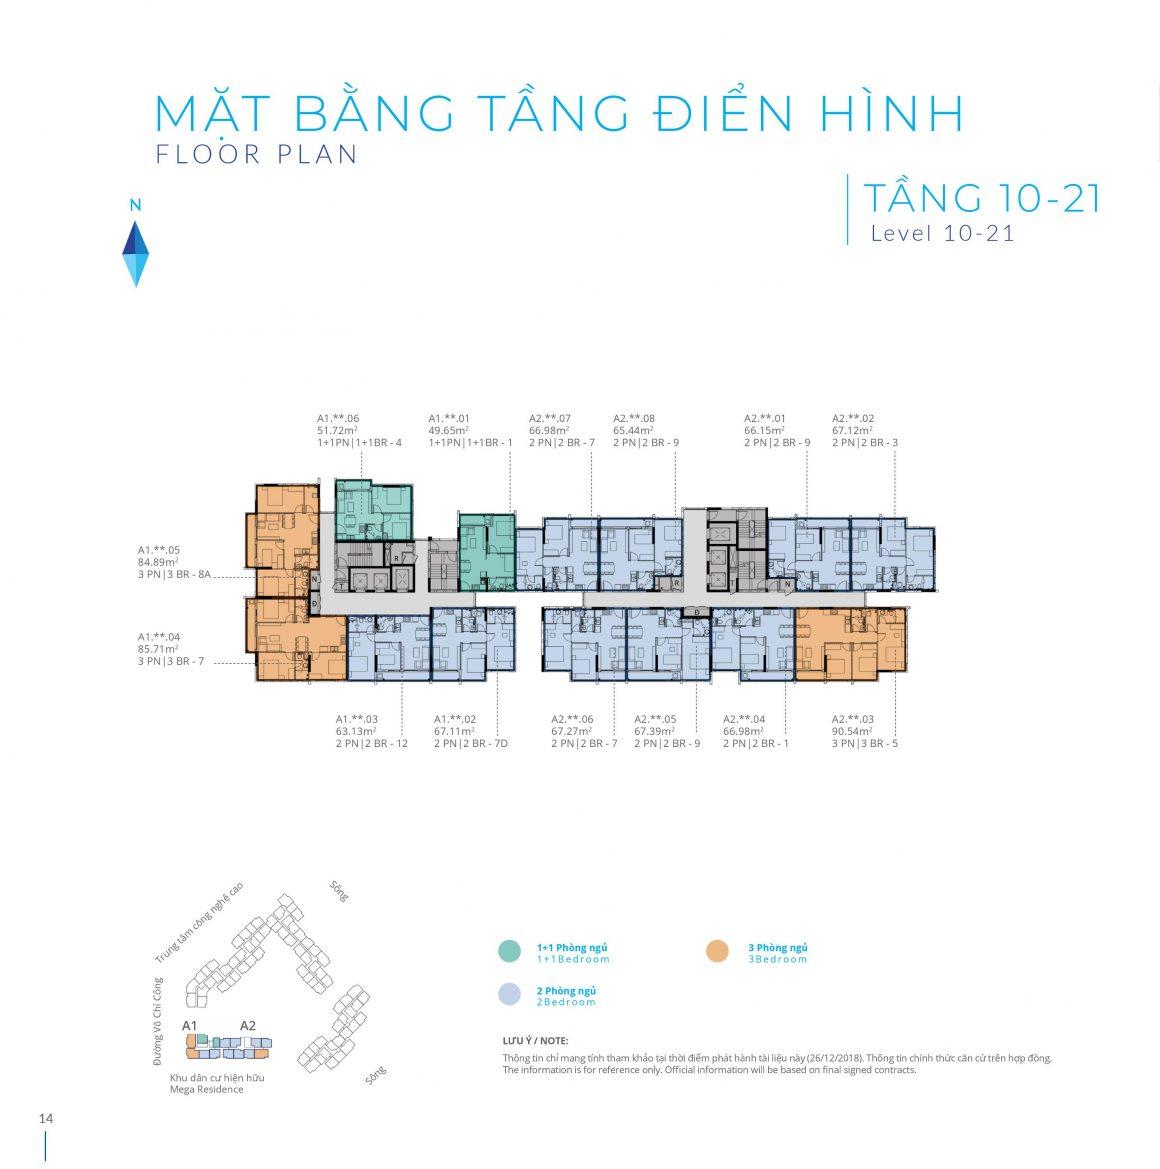 Mặt bằng Block A Tầng 10 - 21 Dự án Safira Khang Điền